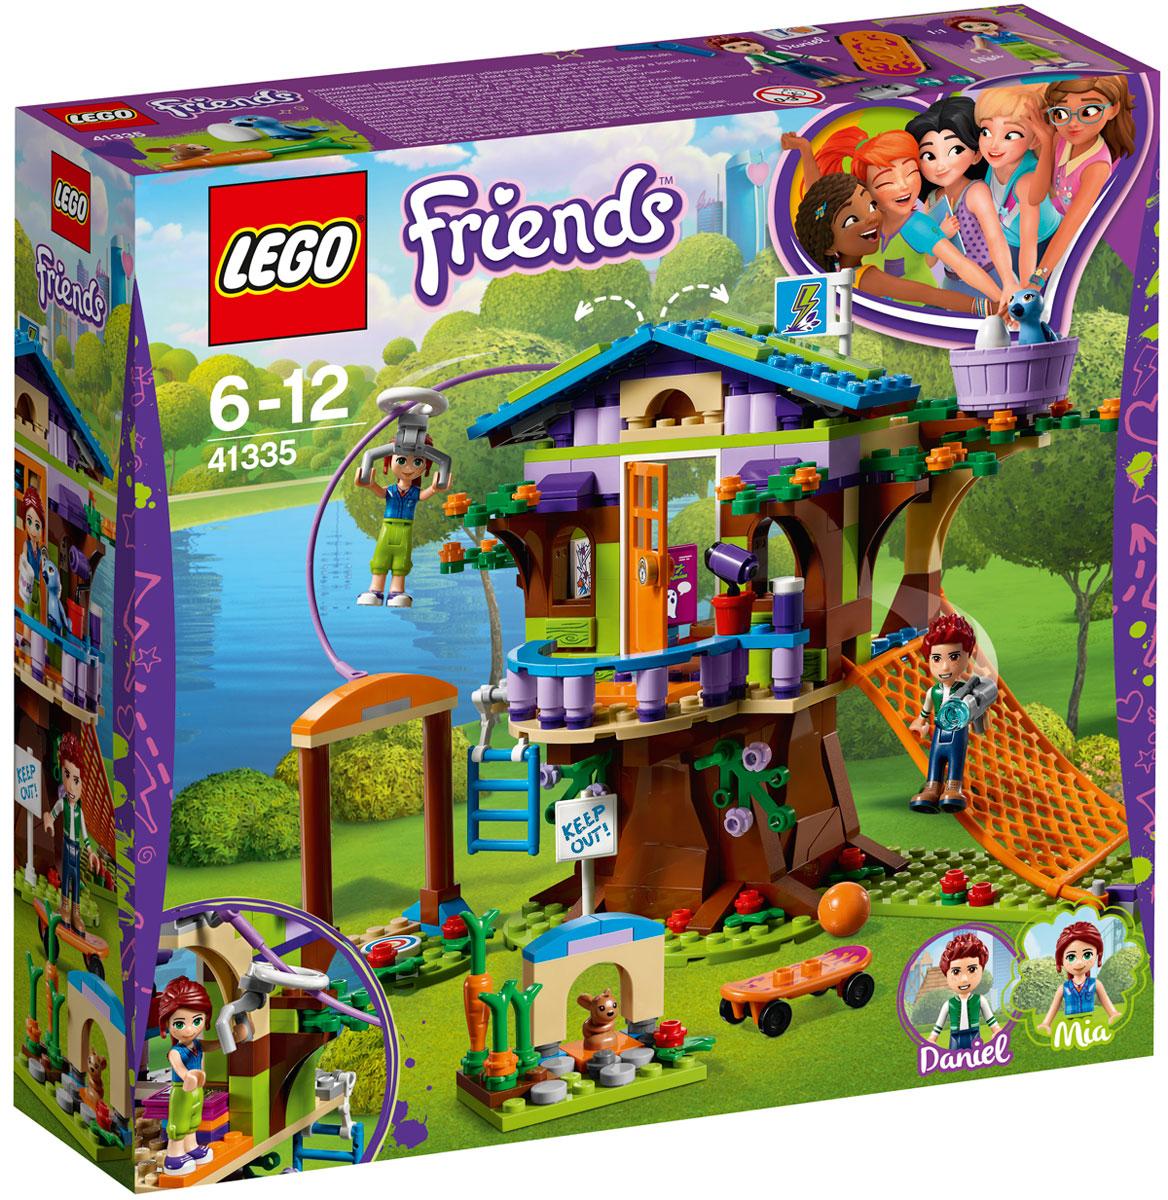 LEGO Friends Конструктор Домик Мии на дереве 41335 дополнительный этаж для домика смоланд